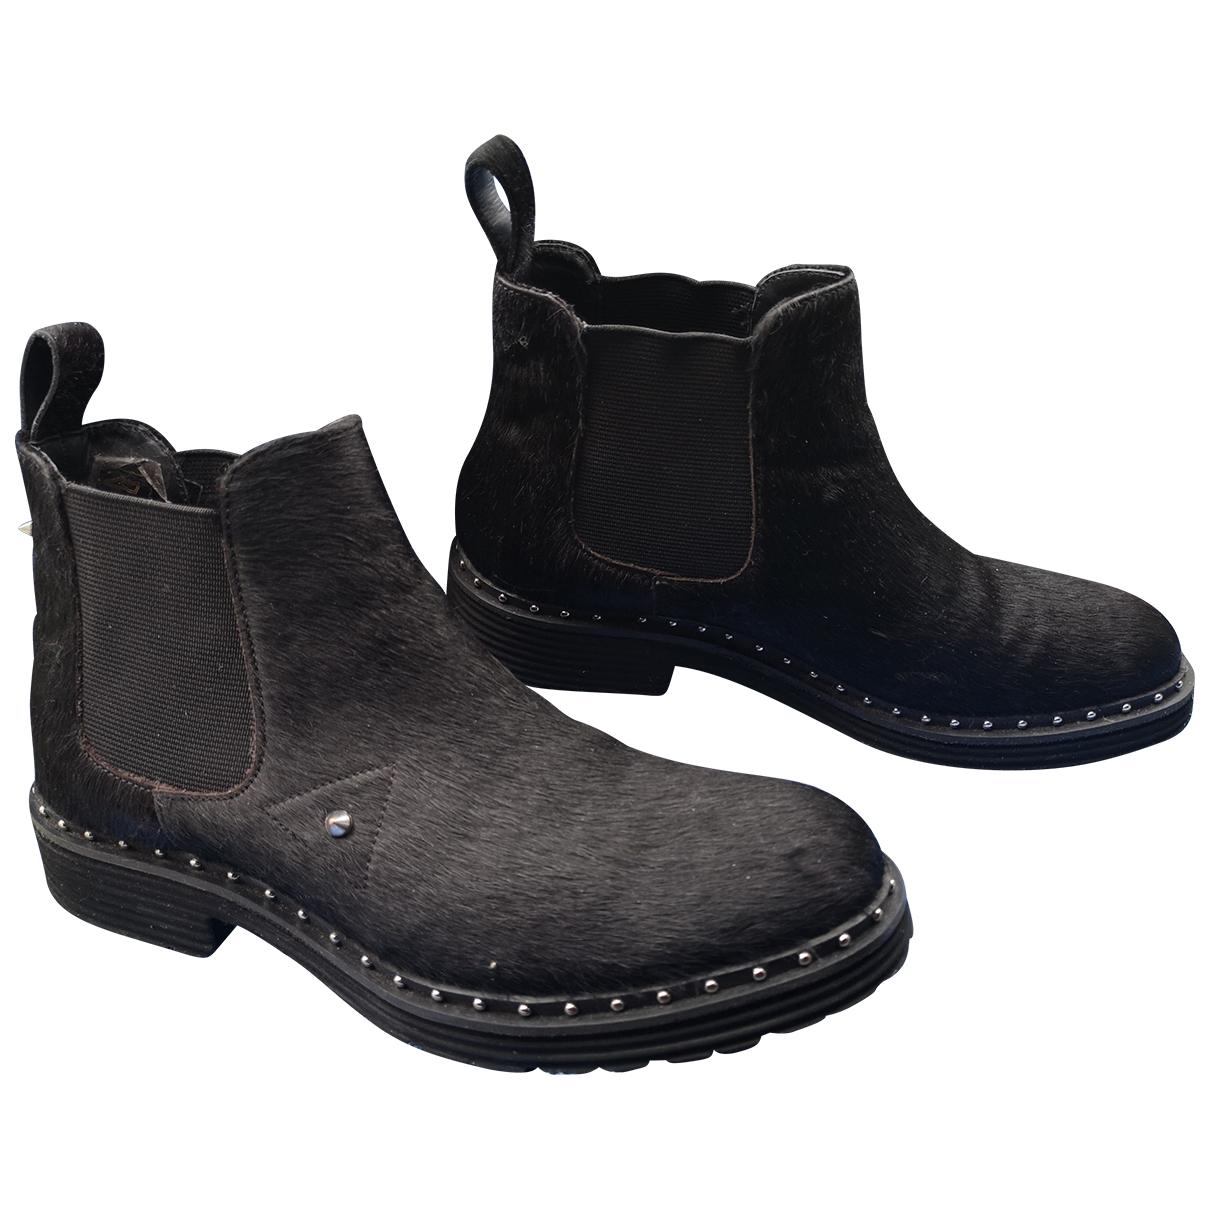 Melvin&hamilton - Boots   pour femme en fourrure - noir